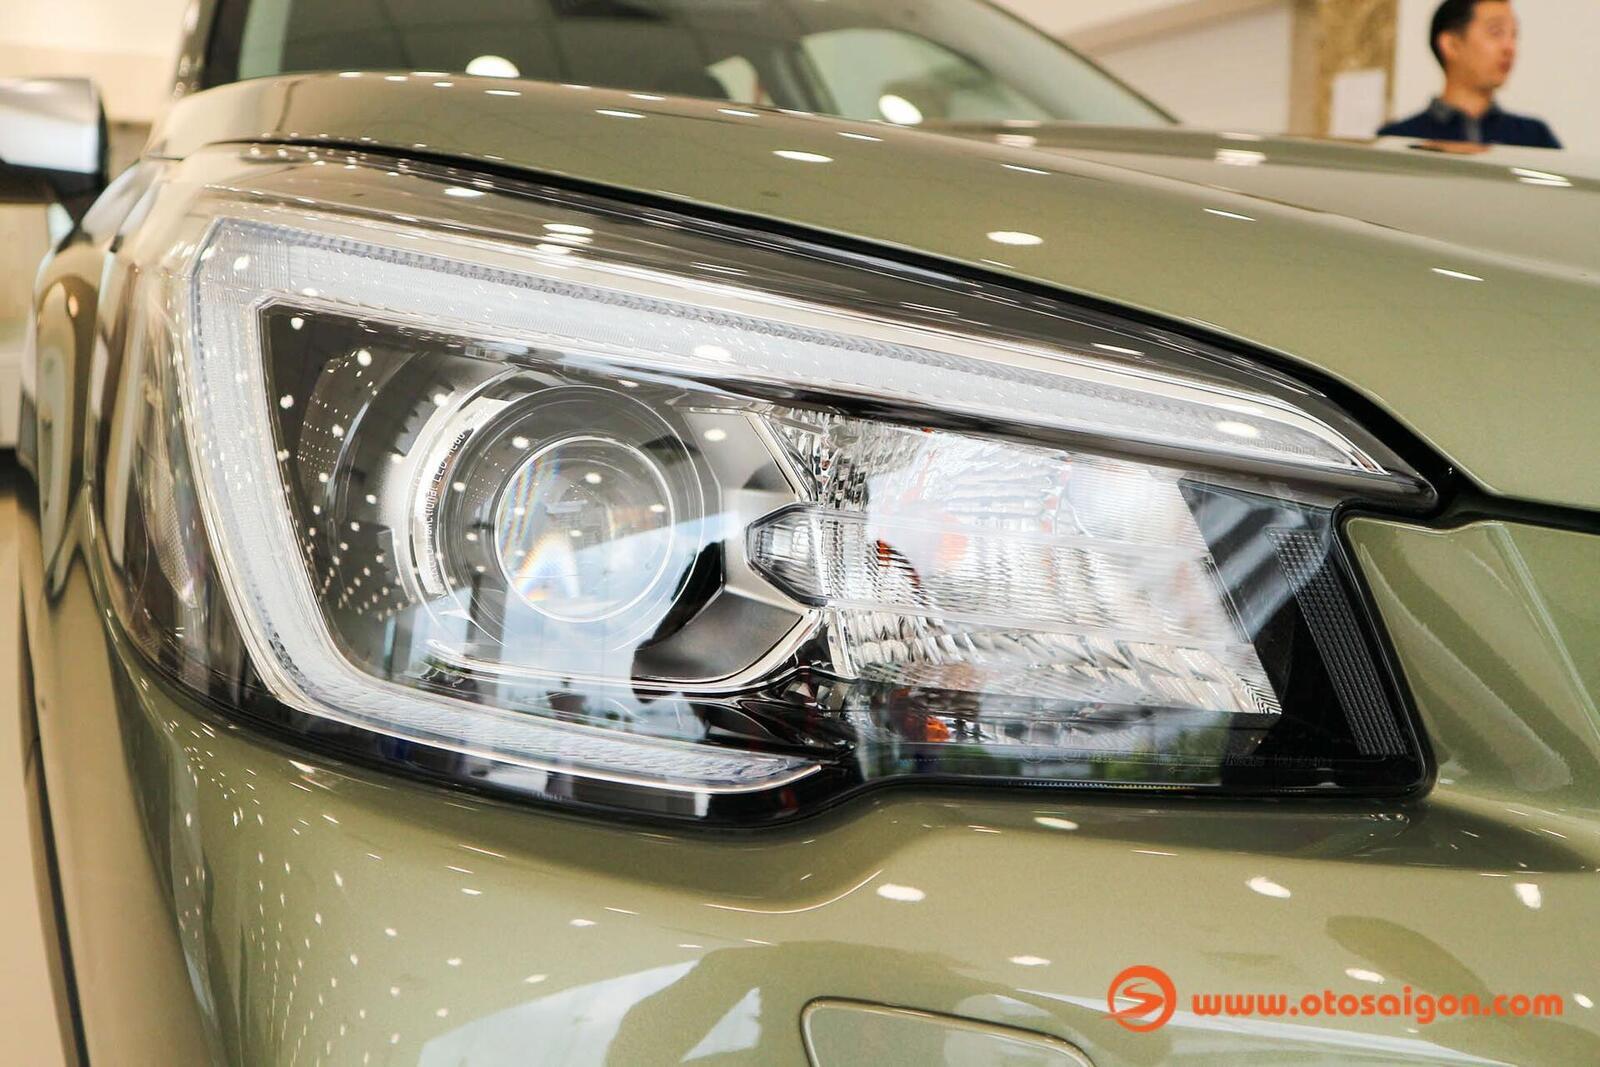 Cận cảnh Subaru Forester thế hệ mới nhập Thái sắp ra mắt tại Việt Nam | SUBARU - Hình 6